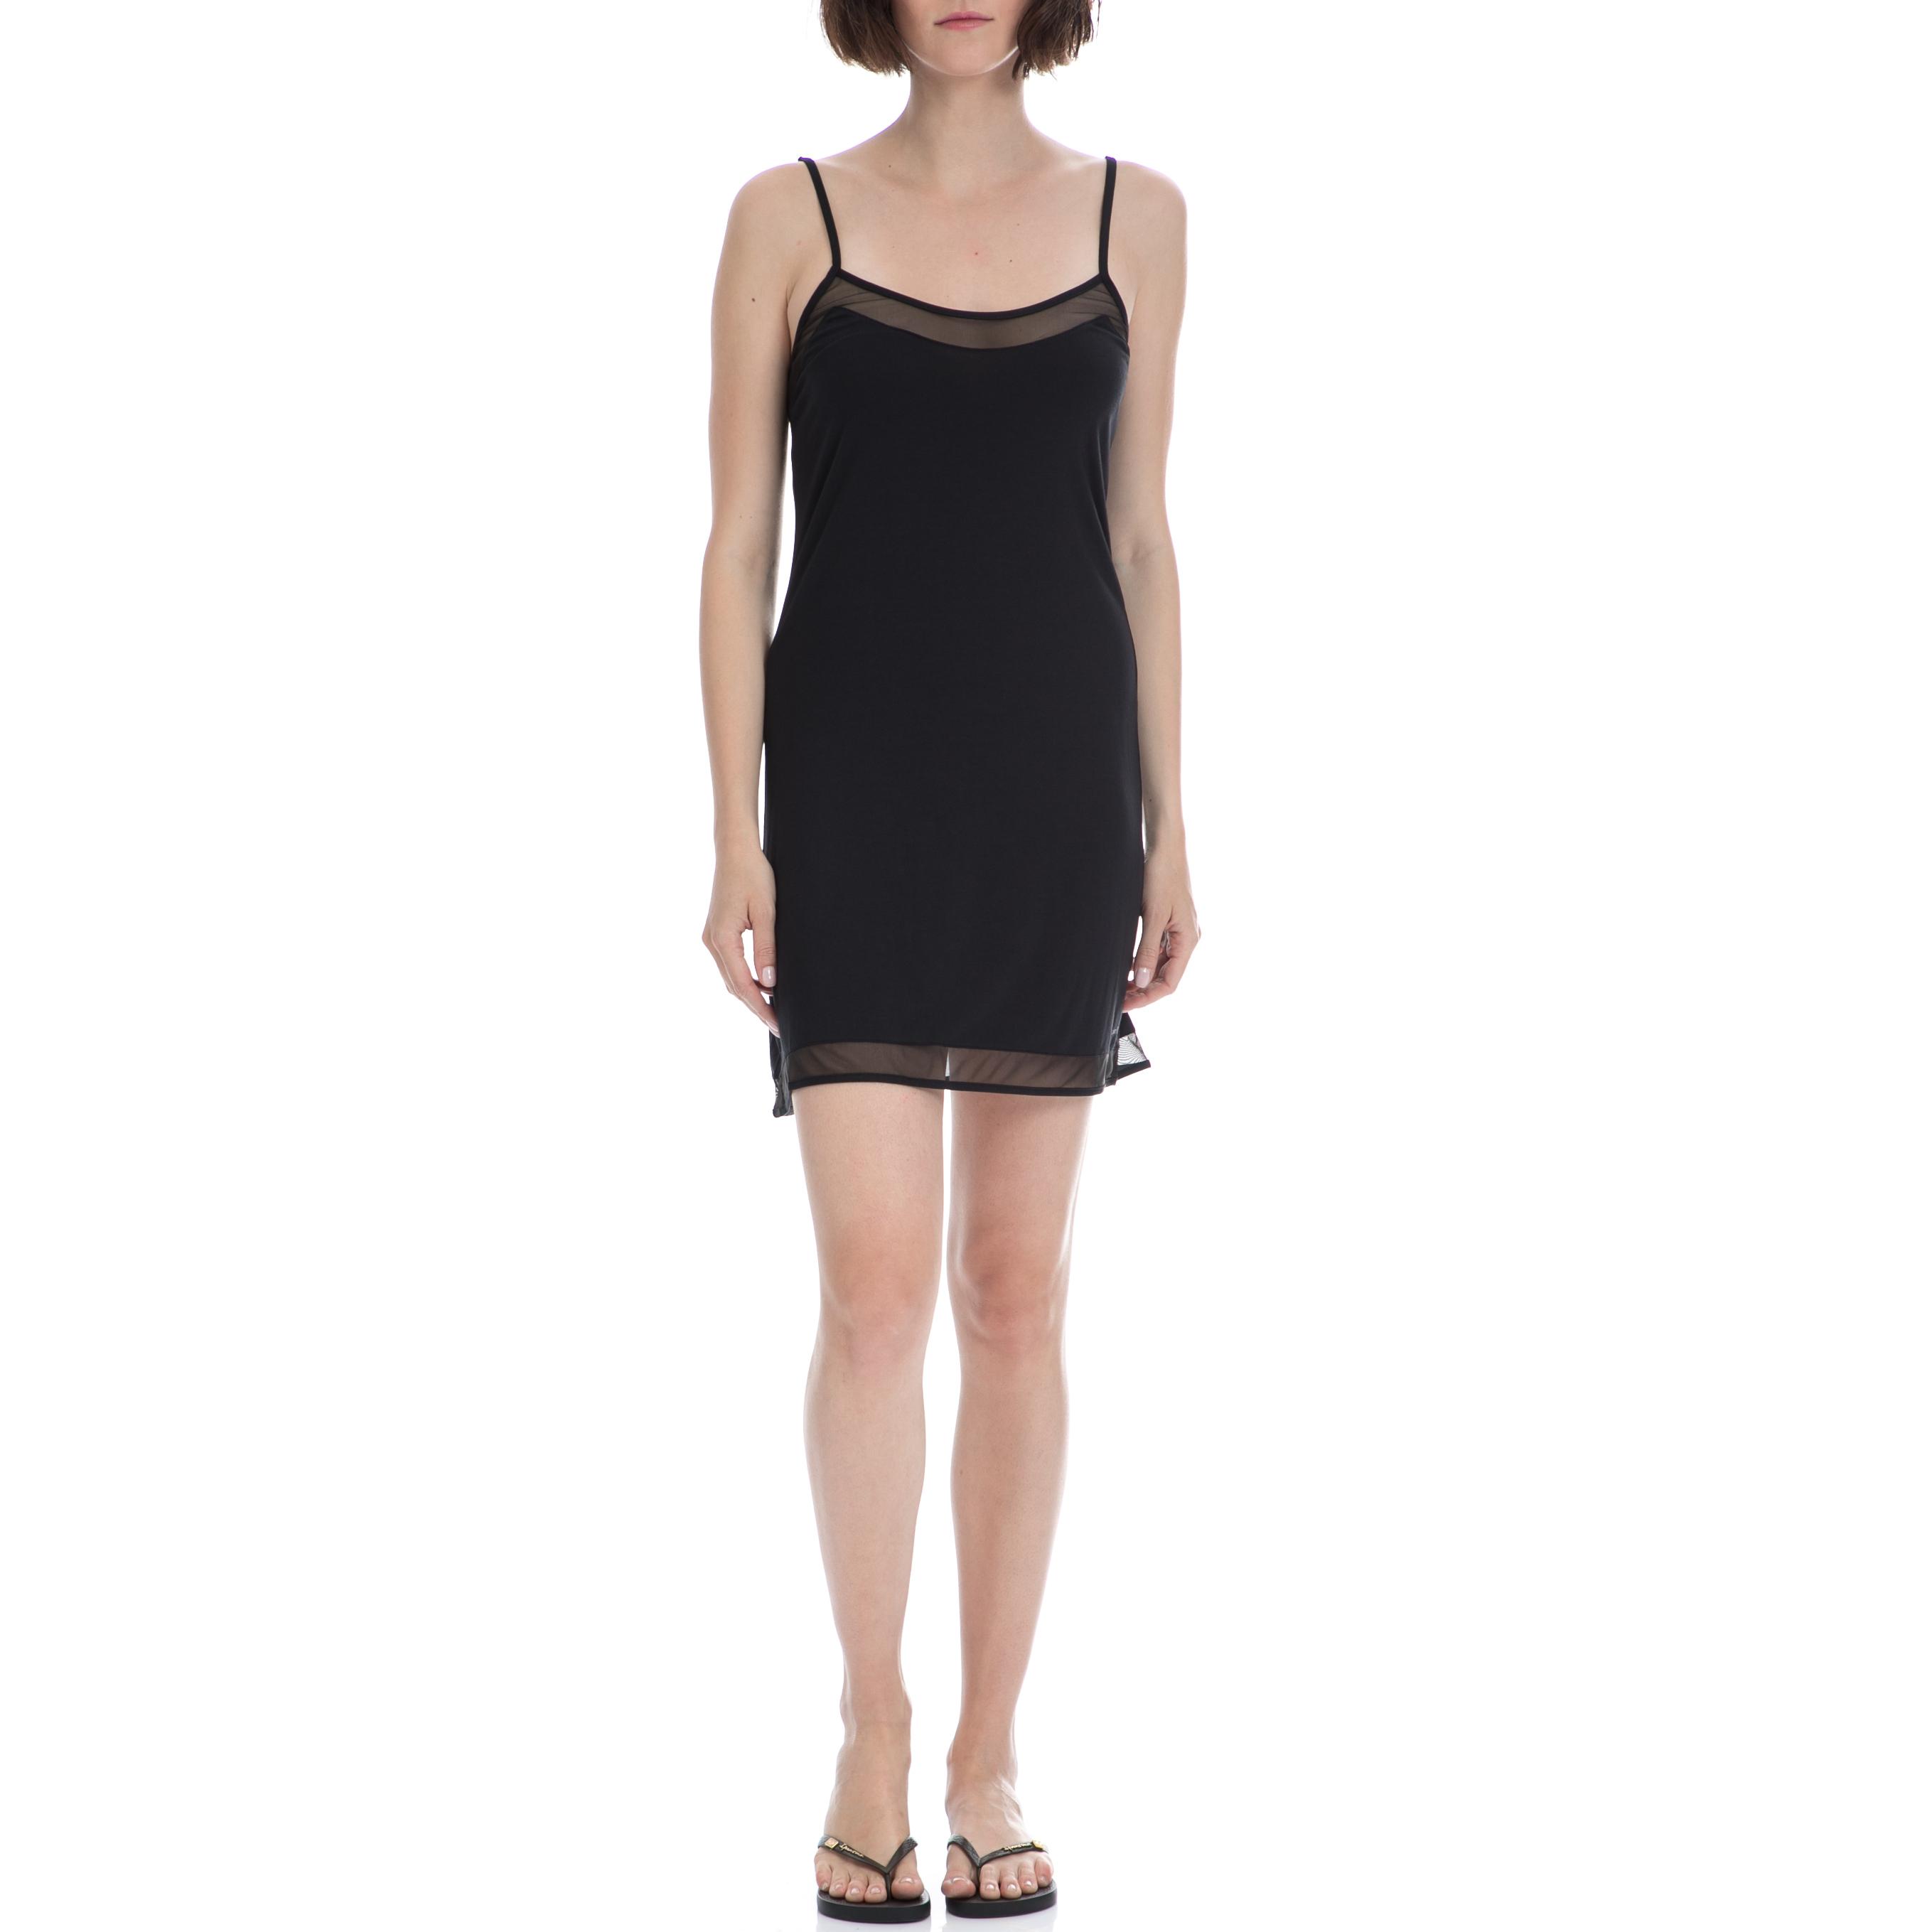 CK UNDERWEAR – Γυναικείο νυχτικό Calvin Klein μαύρο 94cc4b6bc98